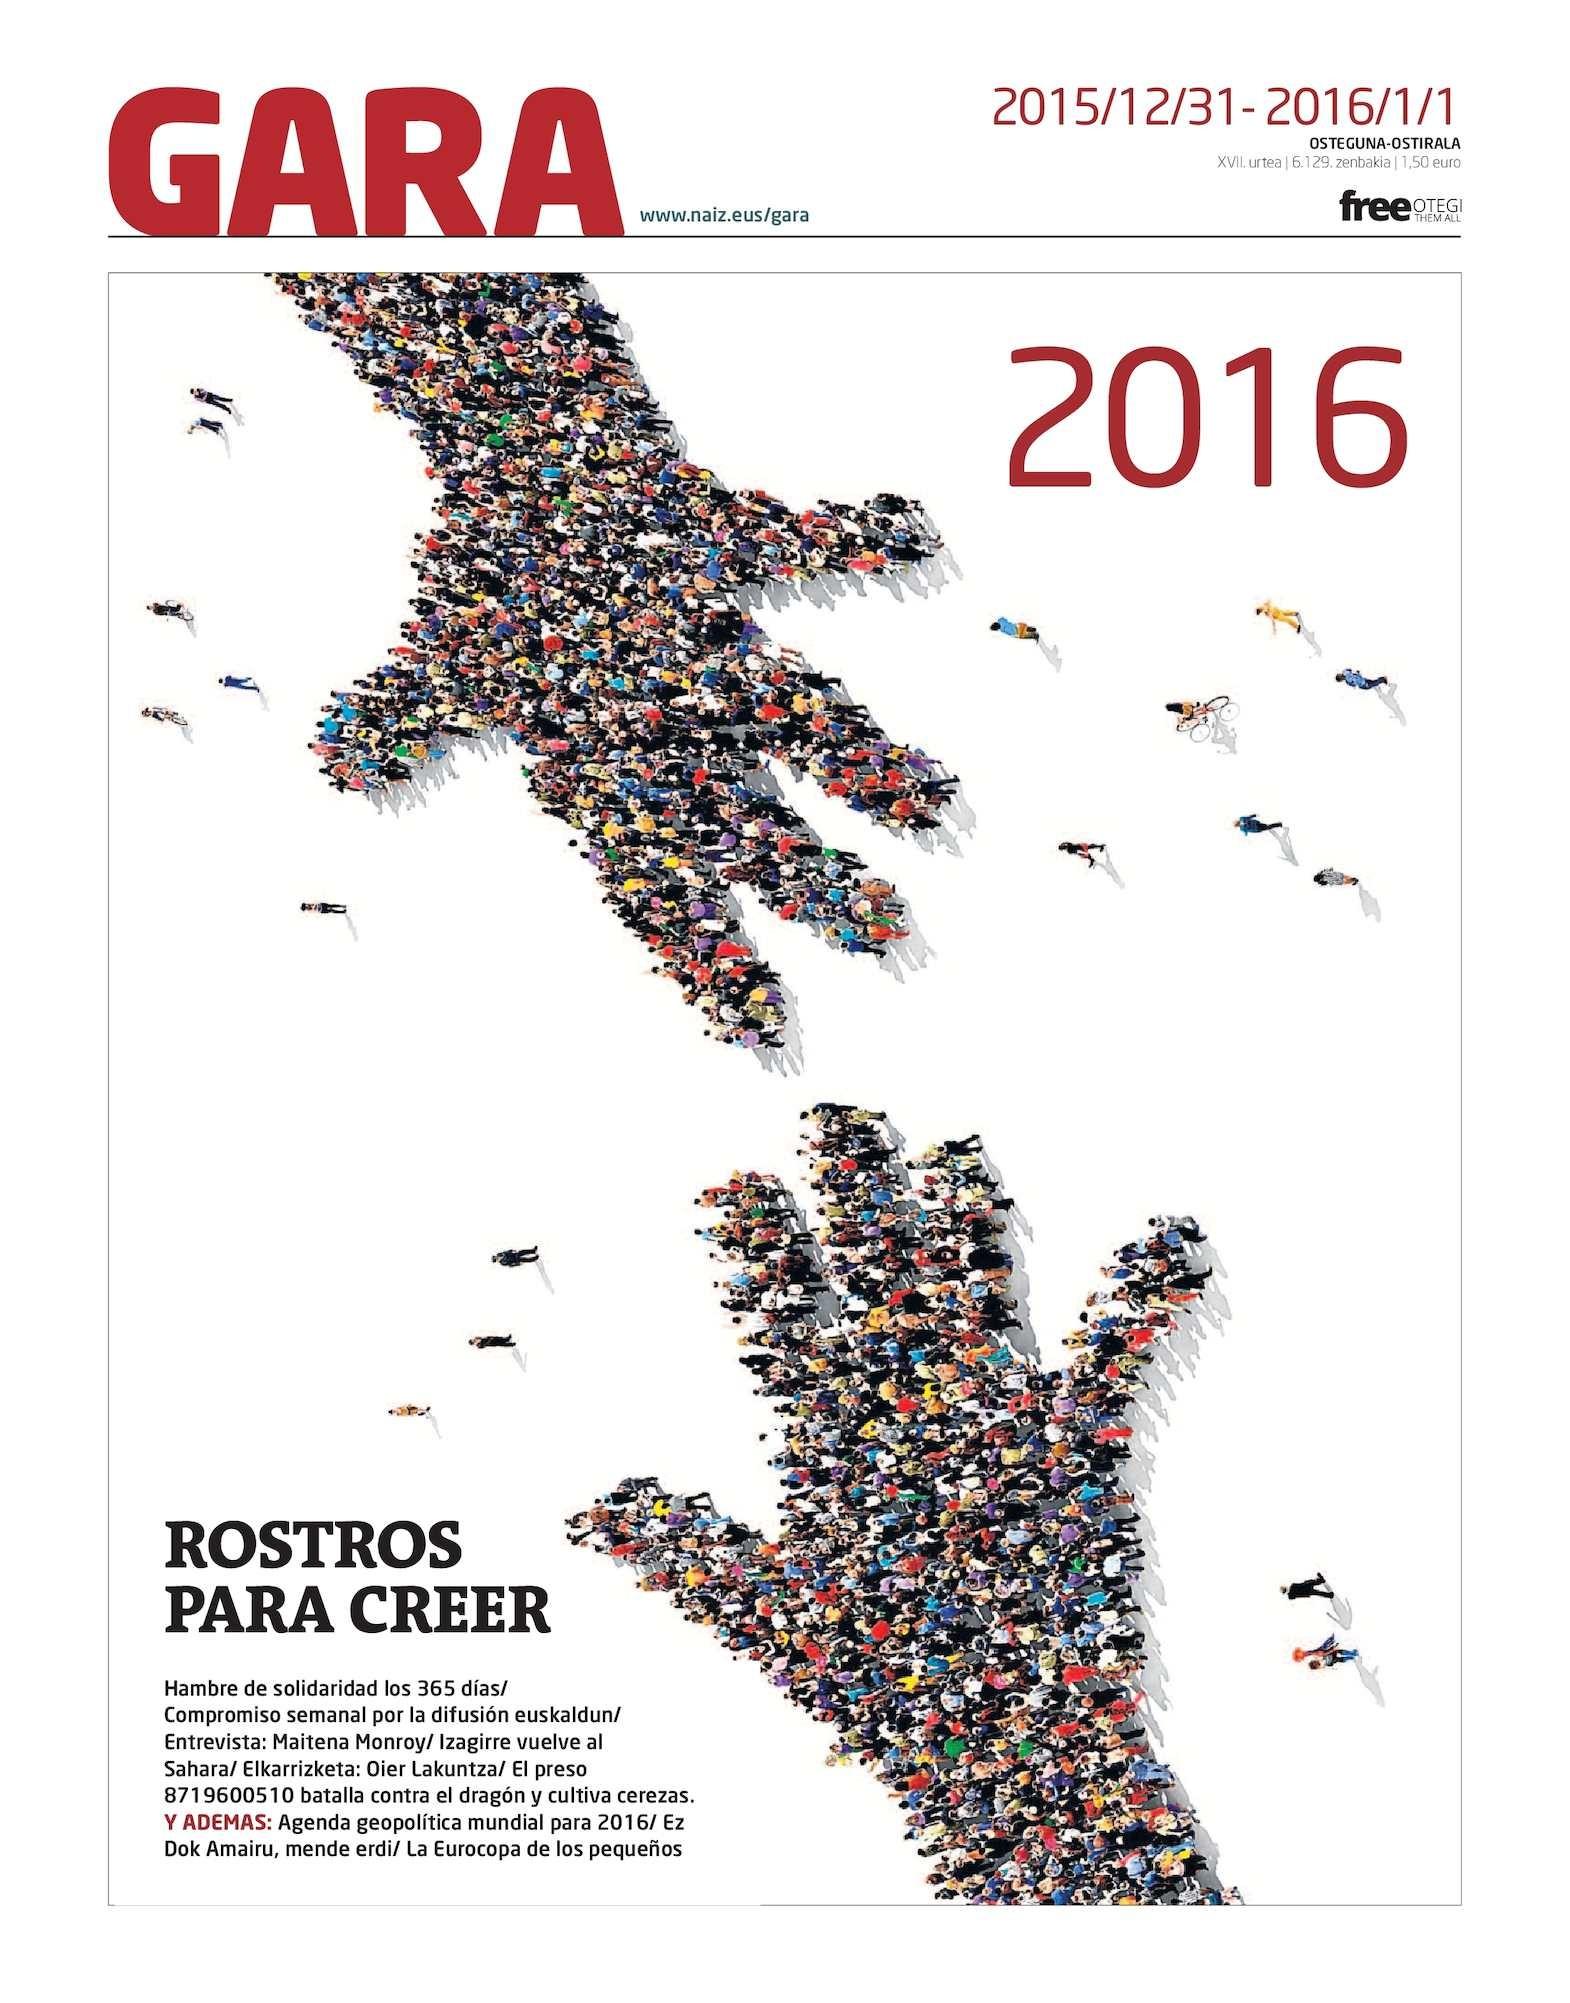 Calendario Laboral Construccion Burgos 2019 Más Recientes Calaméo Gara Of Calendario Laboral Construccion Burgos 2019 Más Populares Boe Documento Consolidado Boe A 2018 9268